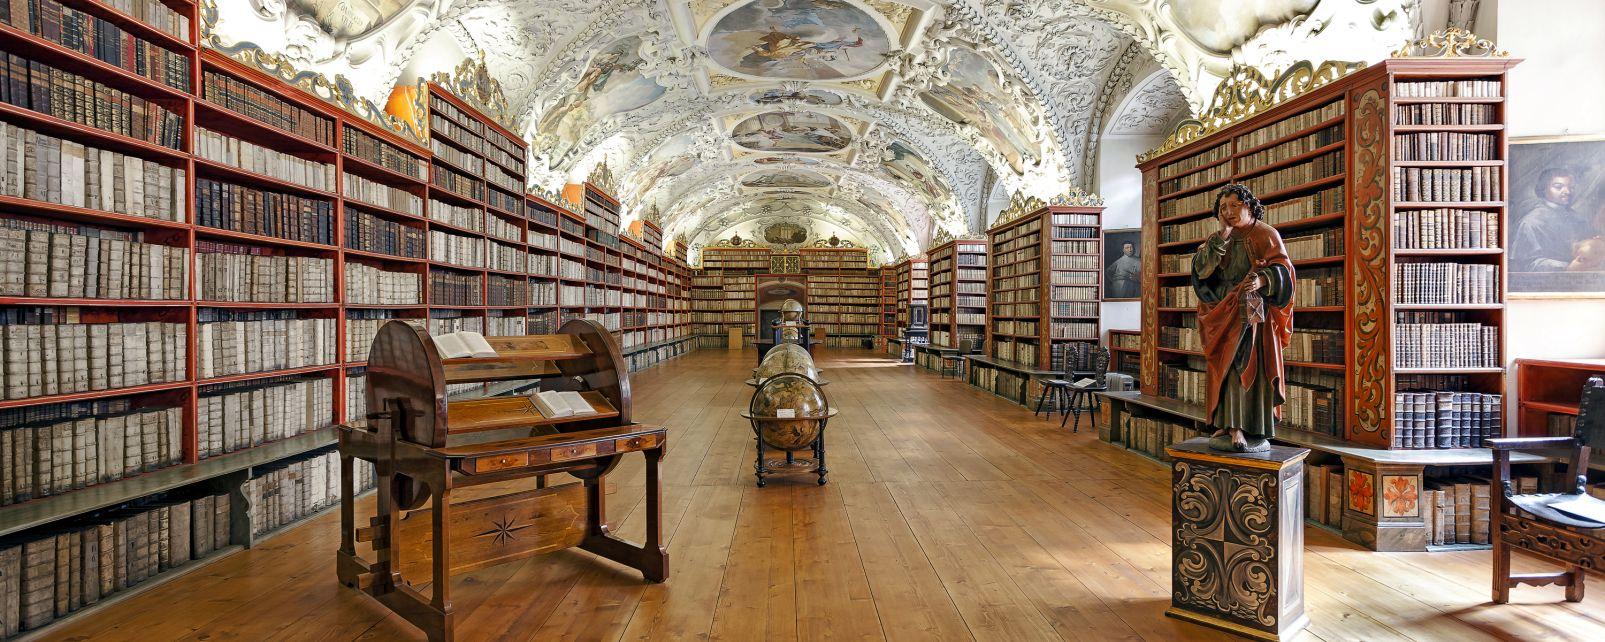 Strahov Monastery, Strahov monastery, Monuments, Prague, Czech Republic